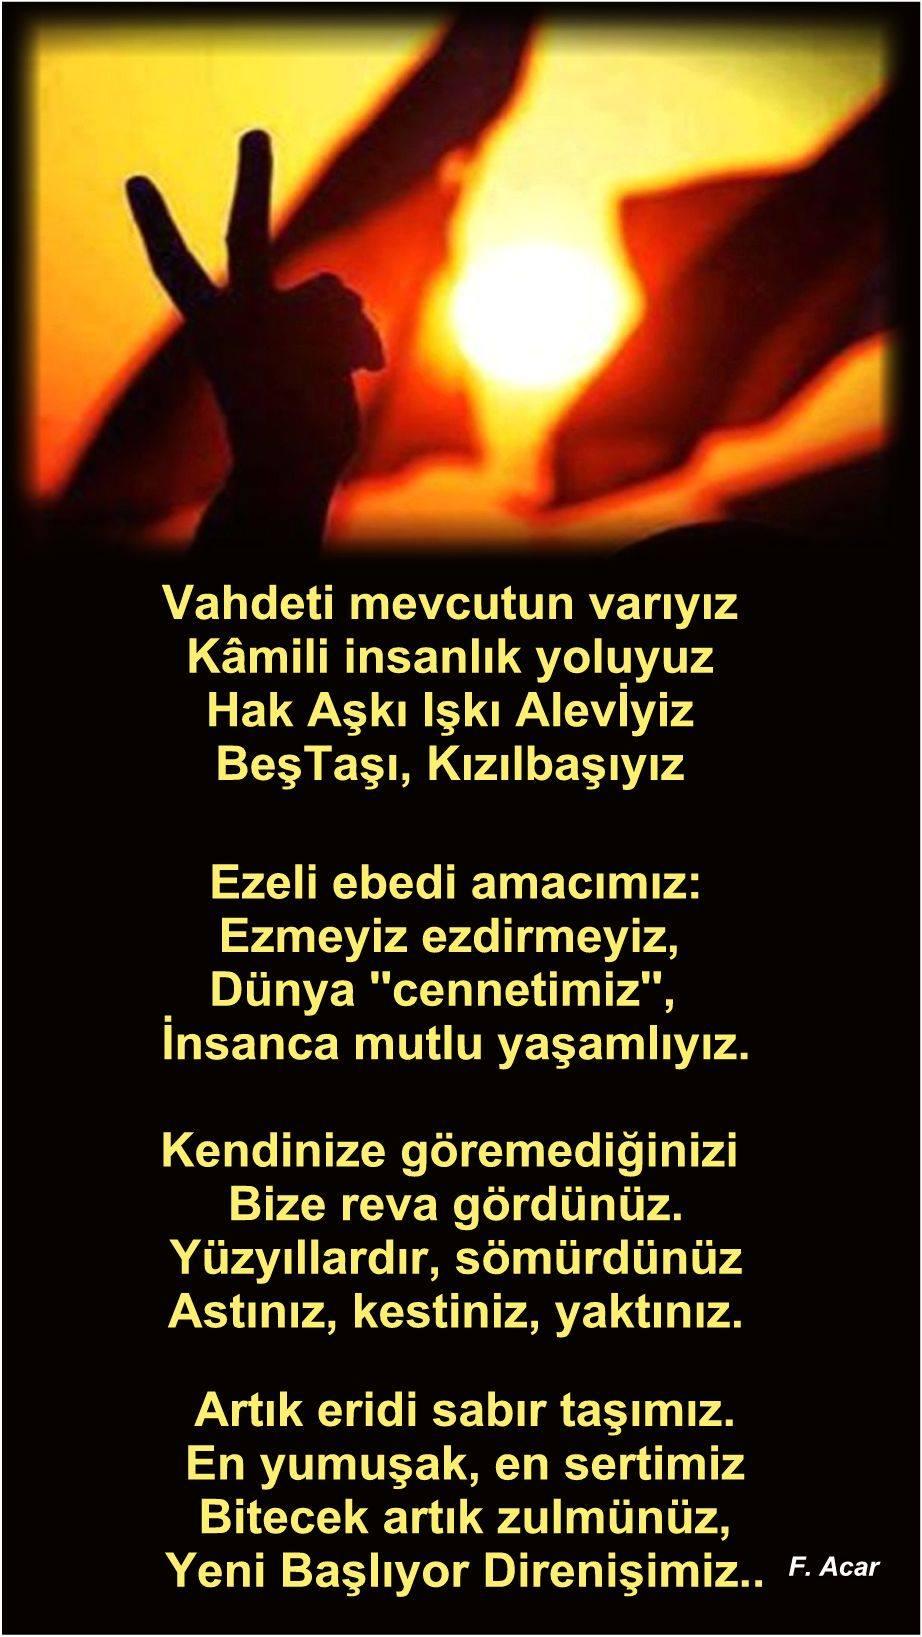 Alevi Bektaşi Kızılbaş Pir Sultan İslam dışı Atatürk faşist Devrimci Aleviler Birliği DAB feramuz şiir